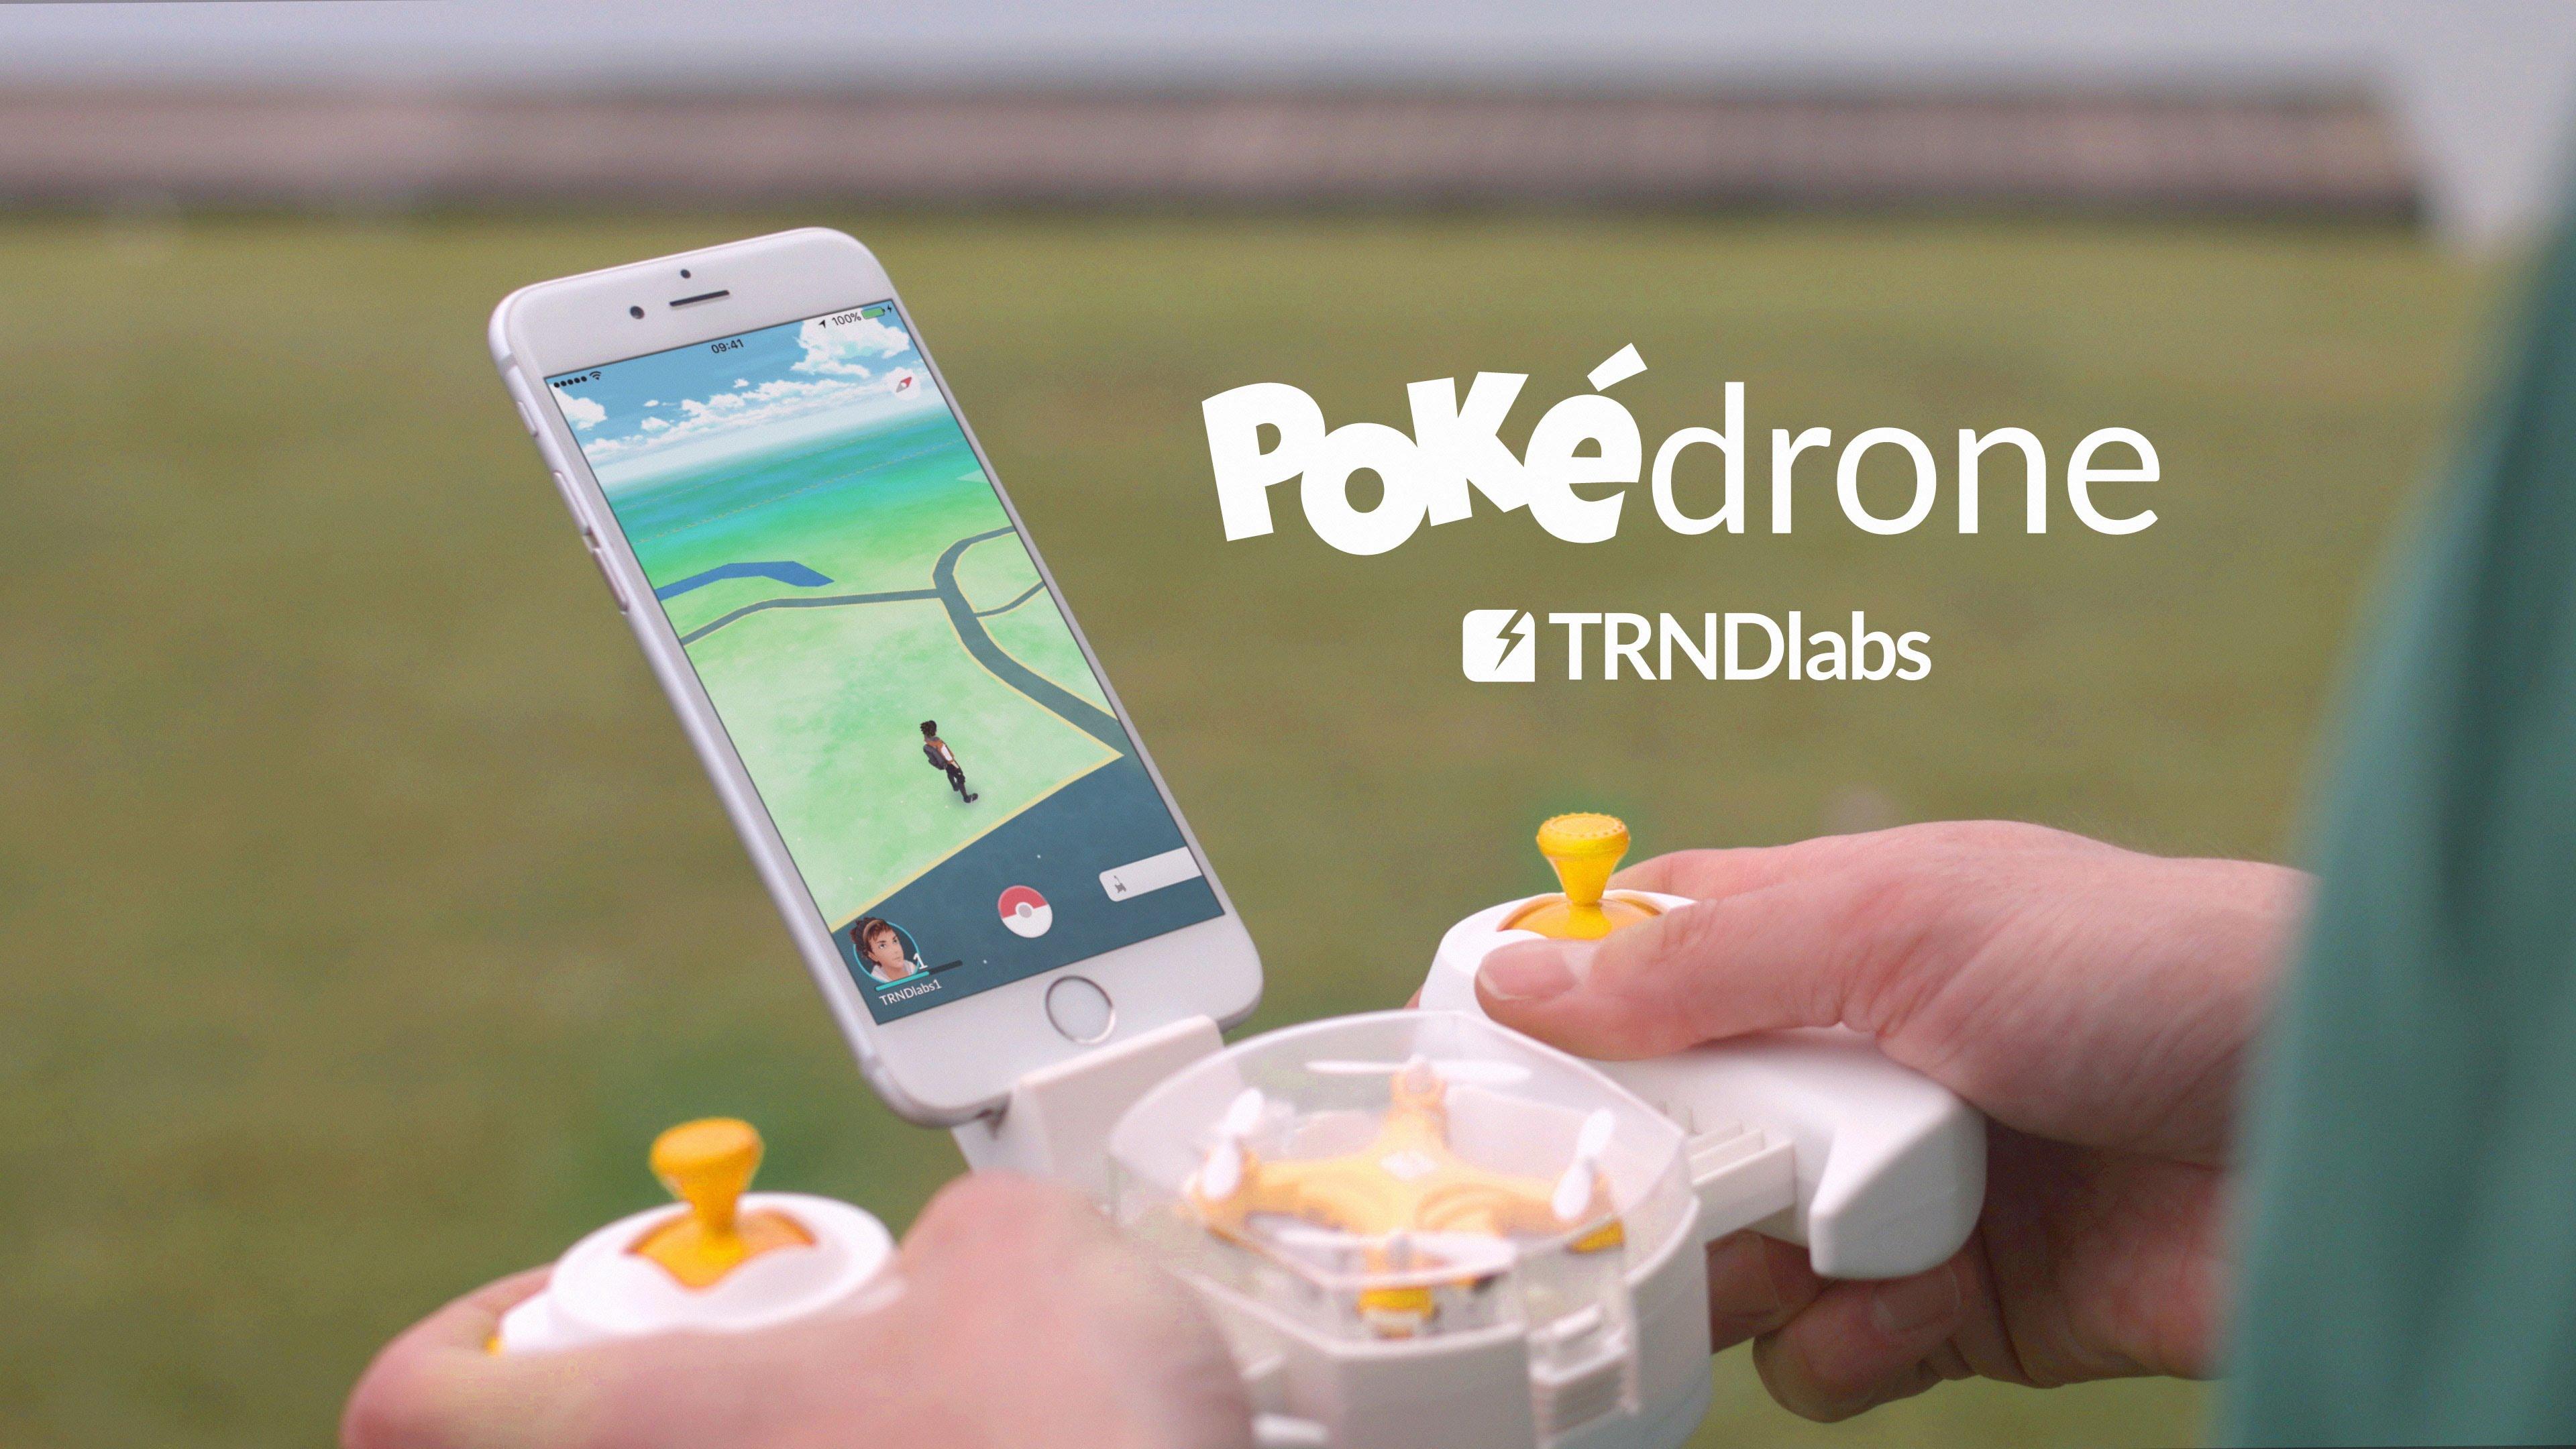 TRNDlabs Pokédron je riešenie, ktoré dodáva silu chytiť všetkých Pokémonov!